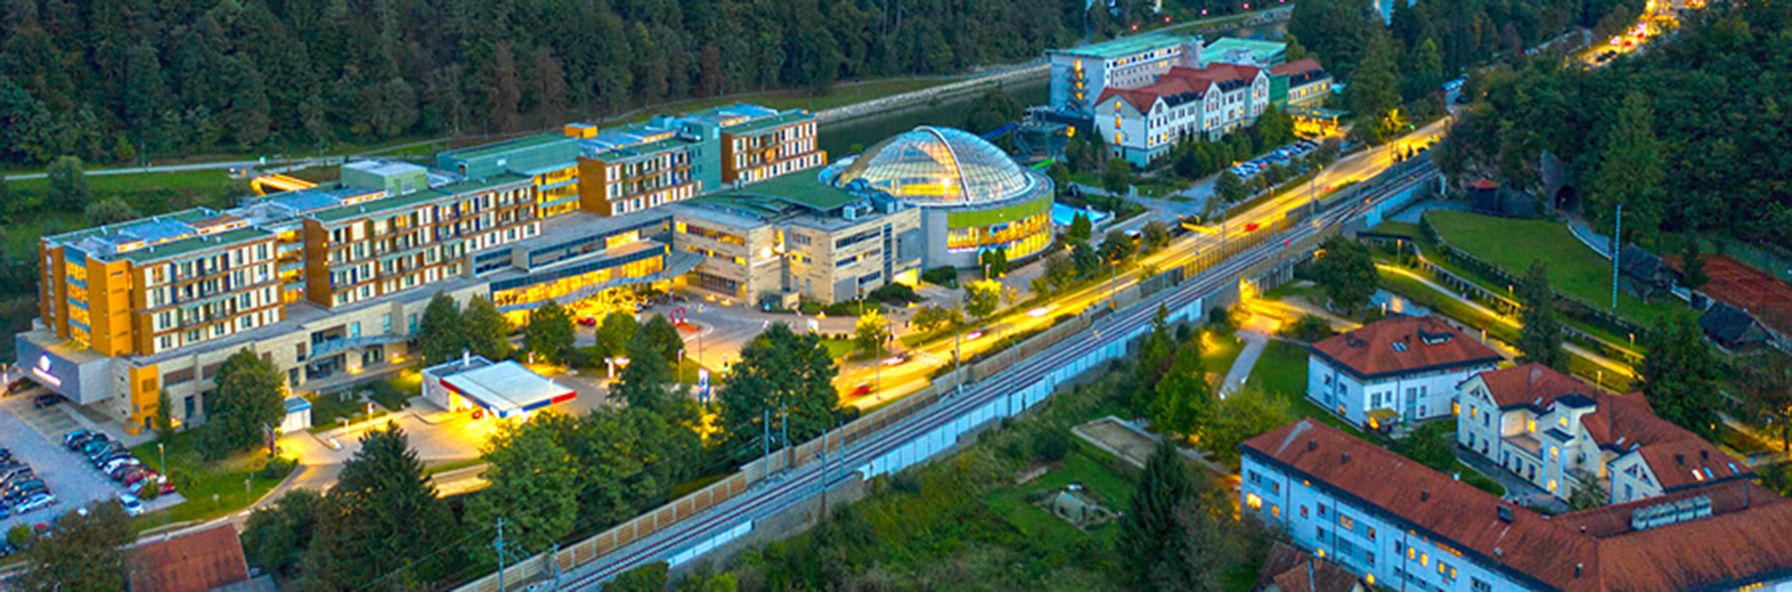 Termály Slovinsko, relax ve spojení s přírodou